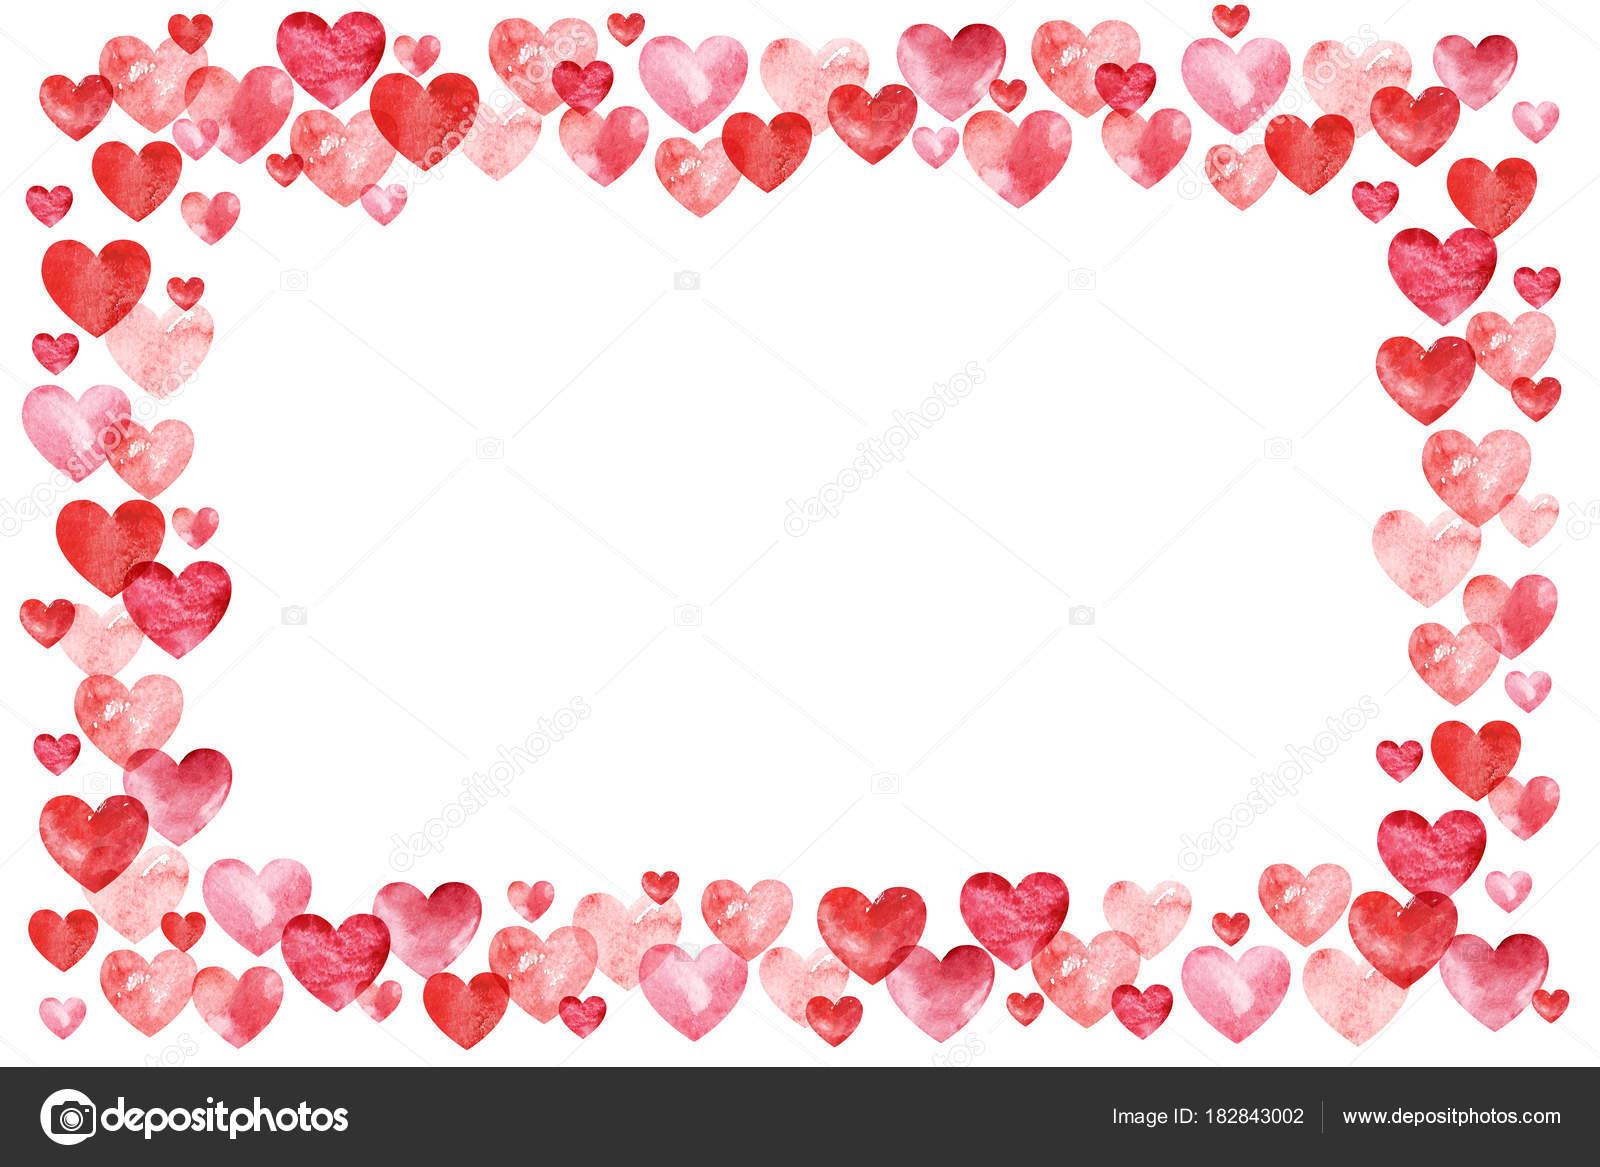 Valentinstag Hintergrund. Rote Herzen Rahmen. Rahmen mit Platz für ...